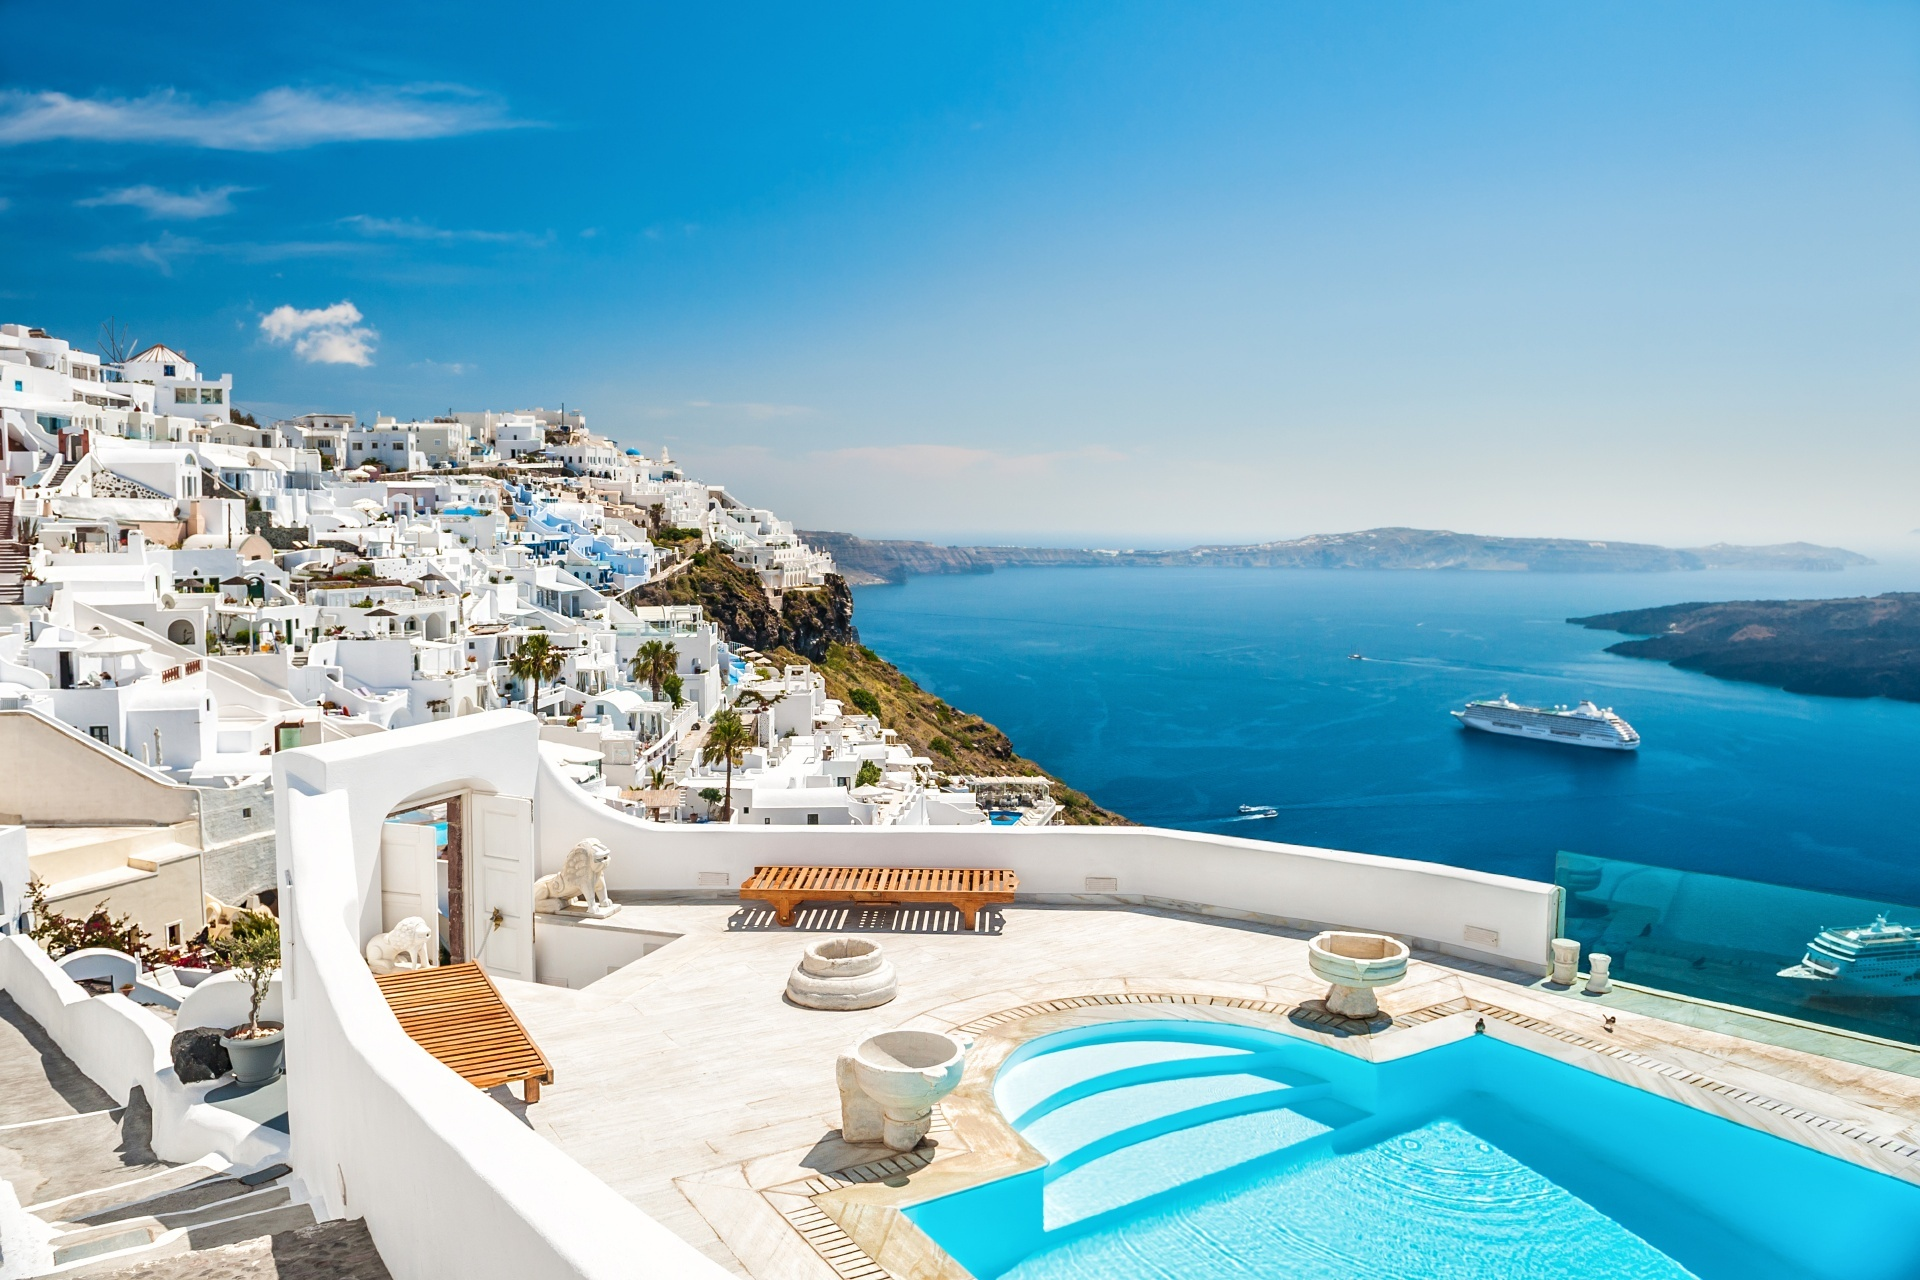 サントリーニ島の風景 ギリシャの風景